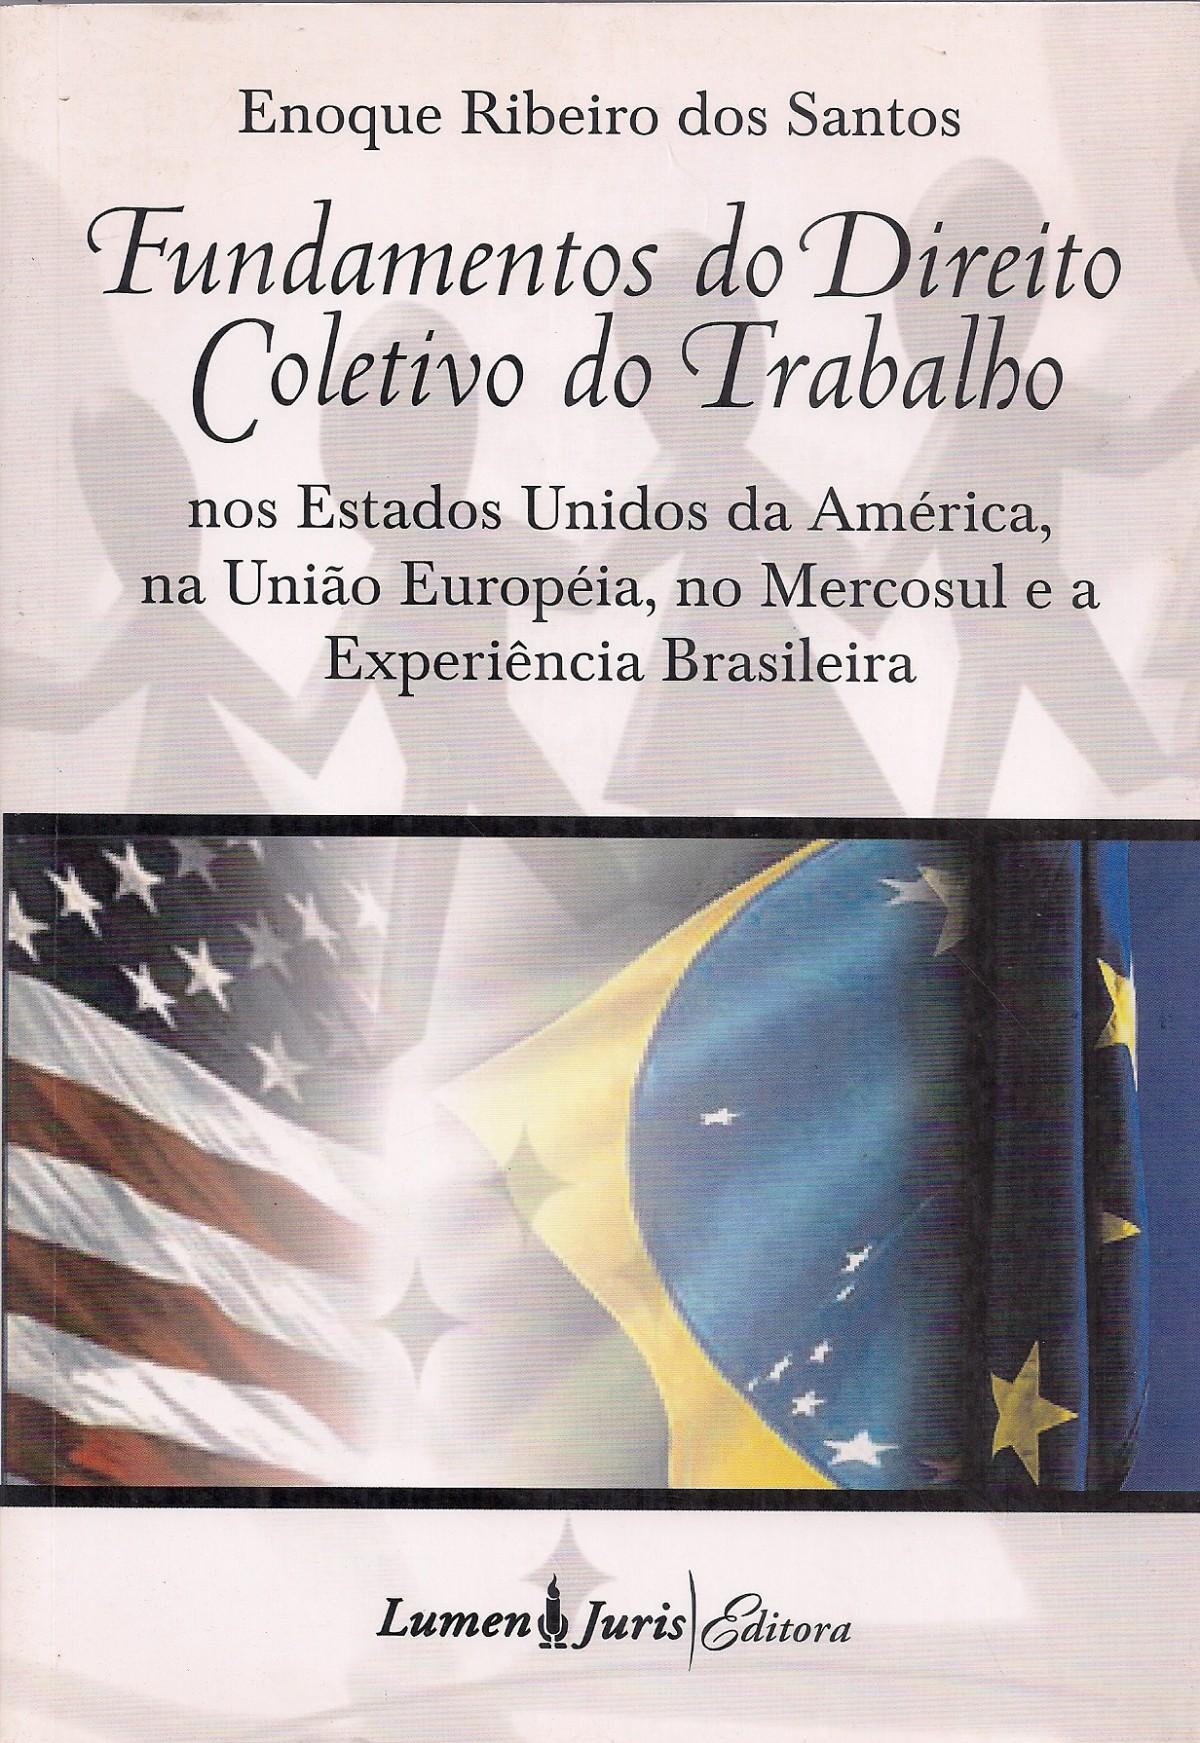 Foto 1 - Fundamentos do Direito Coletivo do Trabalho nos Estados Unidos da América, na União Européia, no Mer